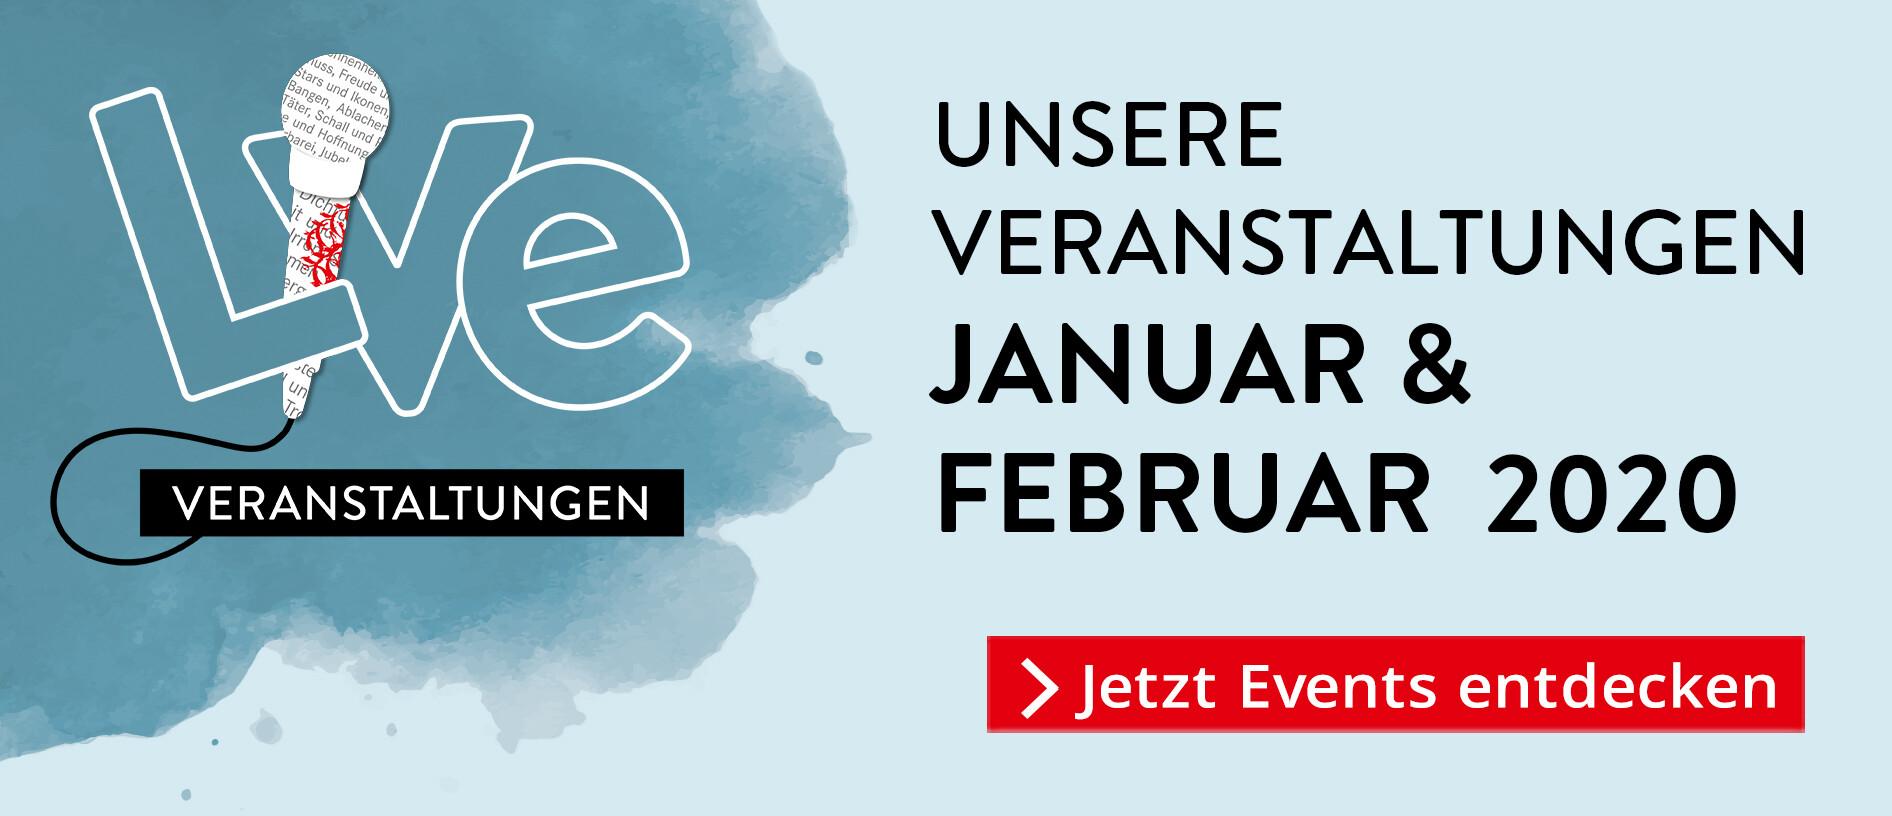 Unsere Veranstaltungen im Januar